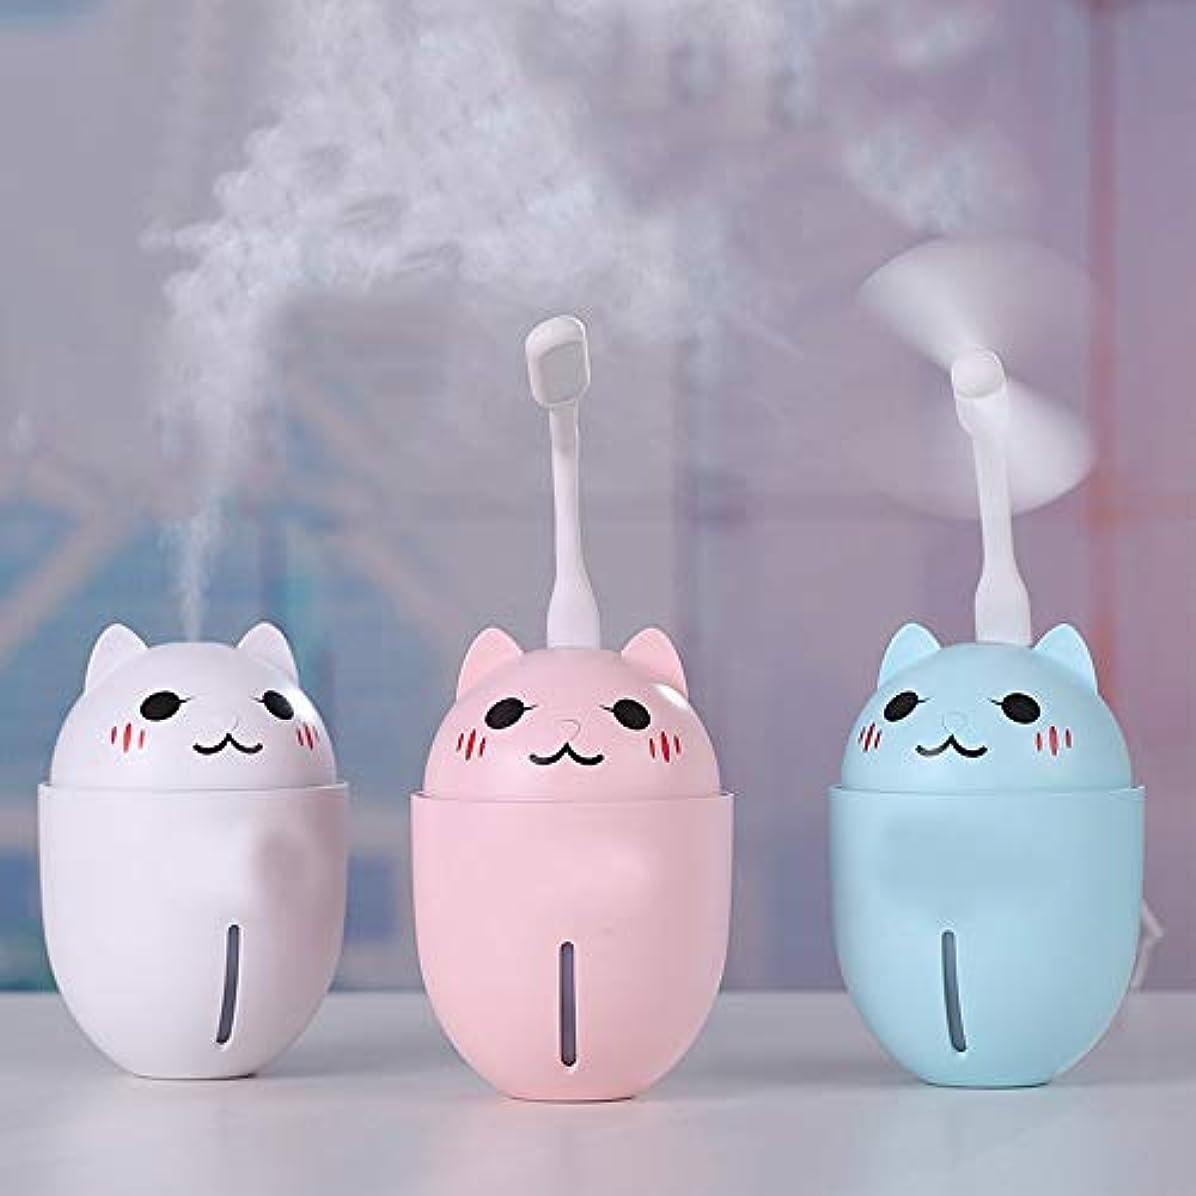 謎プットエラーZXF 新しいクリエイティブかわいいペット猫加湿器家庭用電化製品3つ1つでミニusb水道メーターファンナイトライトブルーピンクホワイト 滑らかである (色 : Pink)